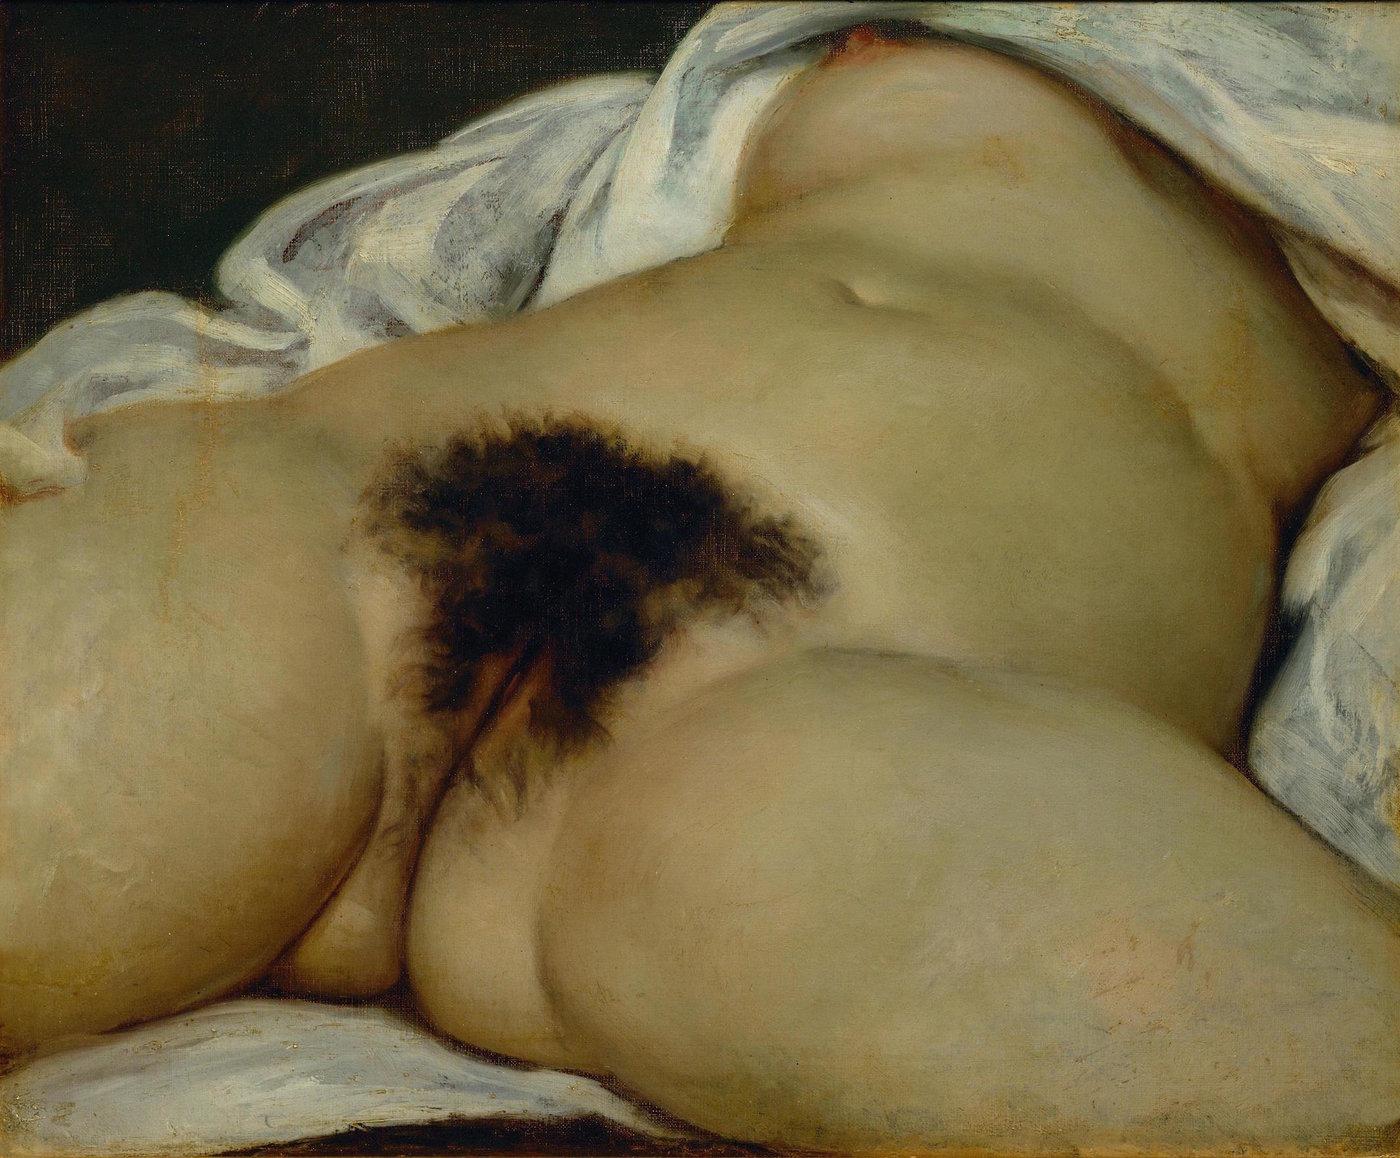 Anais Reboux Nude catherine breillat's metacinema on notebook | mubi